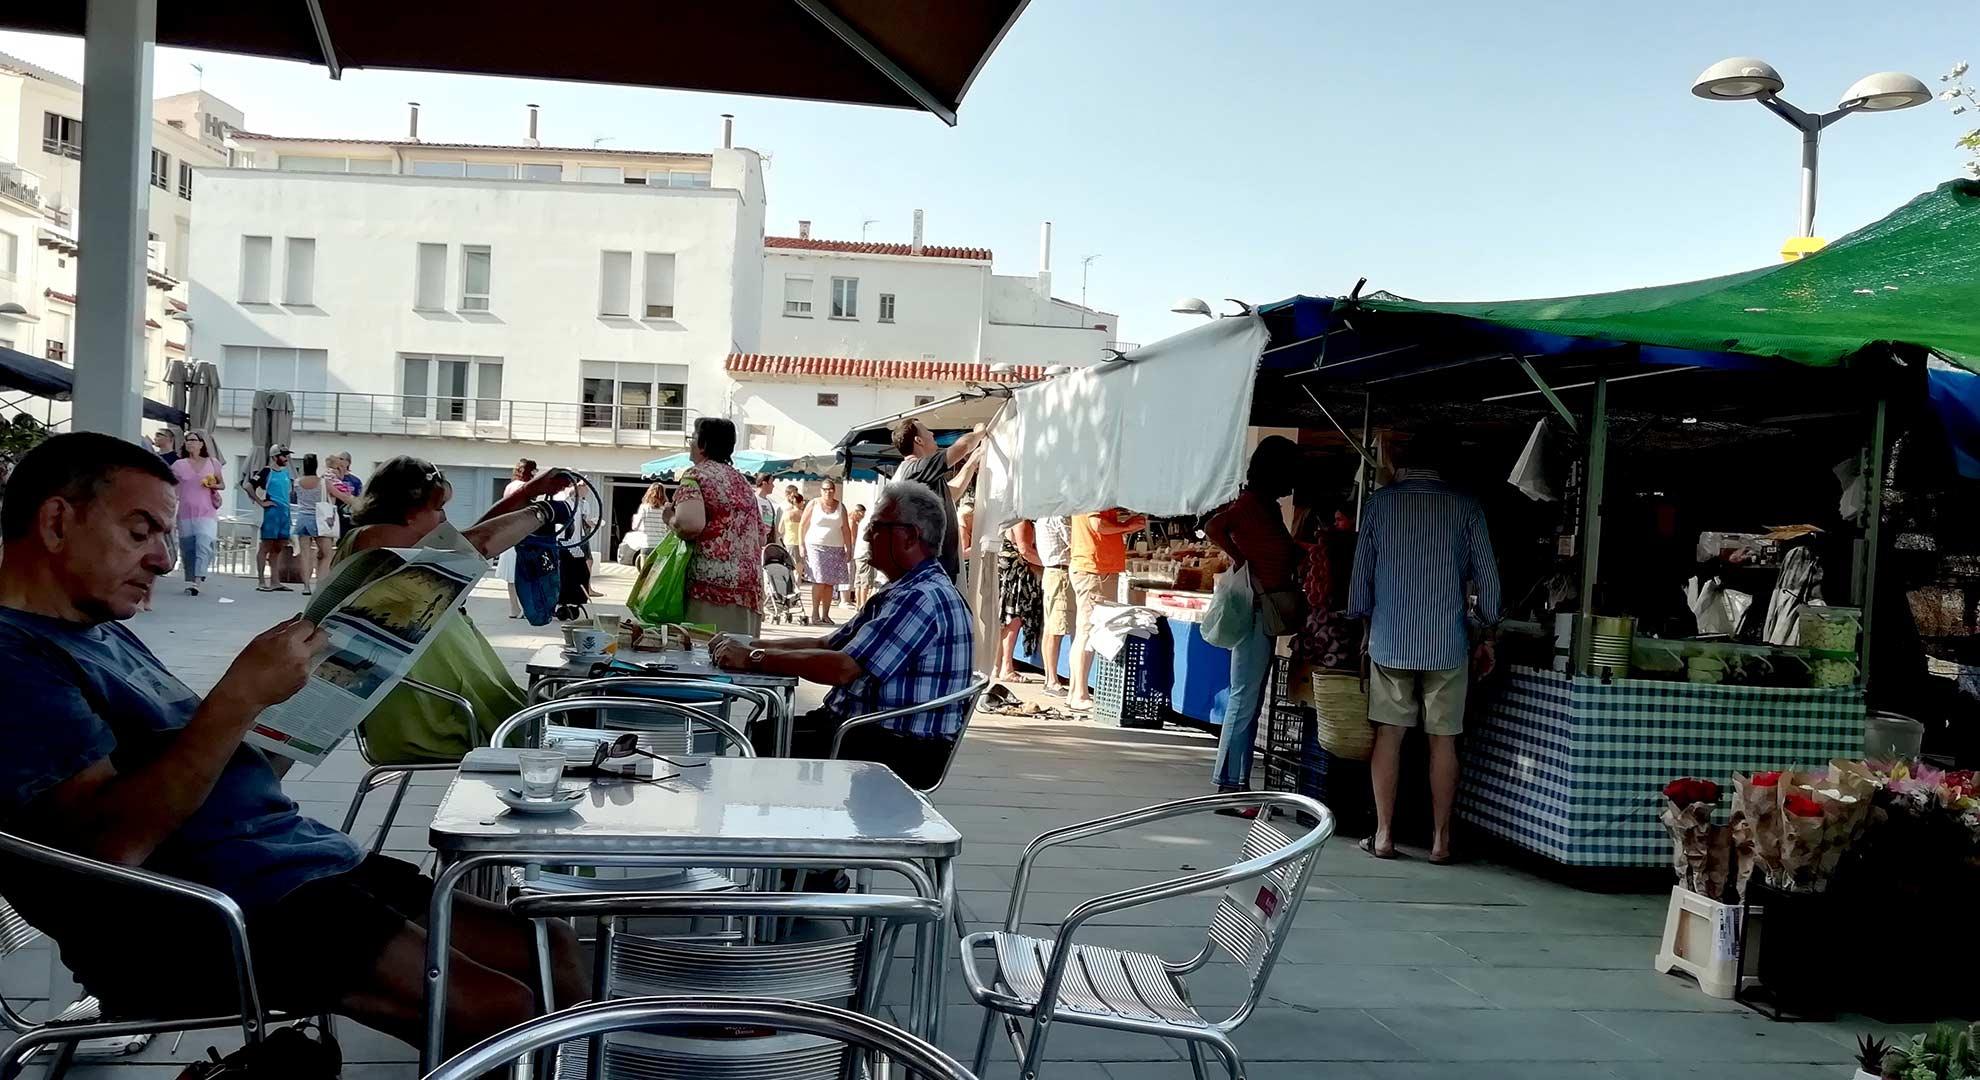 Día de mercado, Port de la Selva, España.